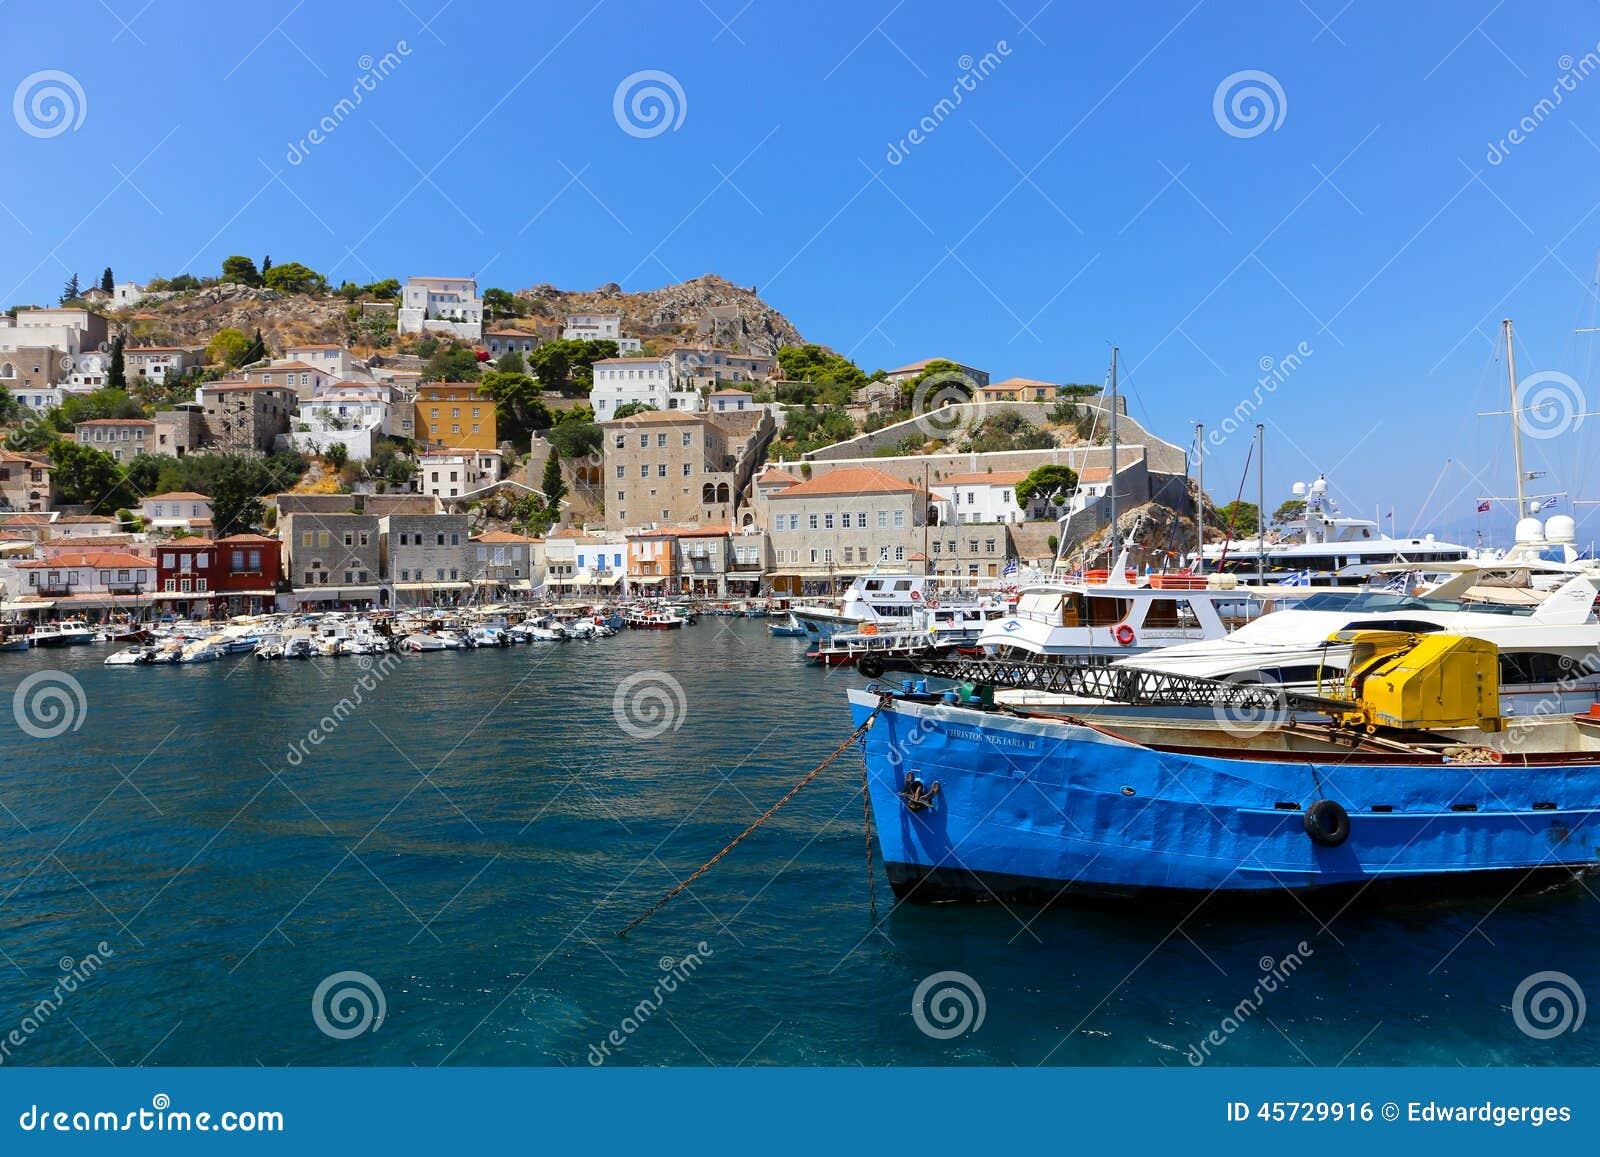 Barco de pesca griego